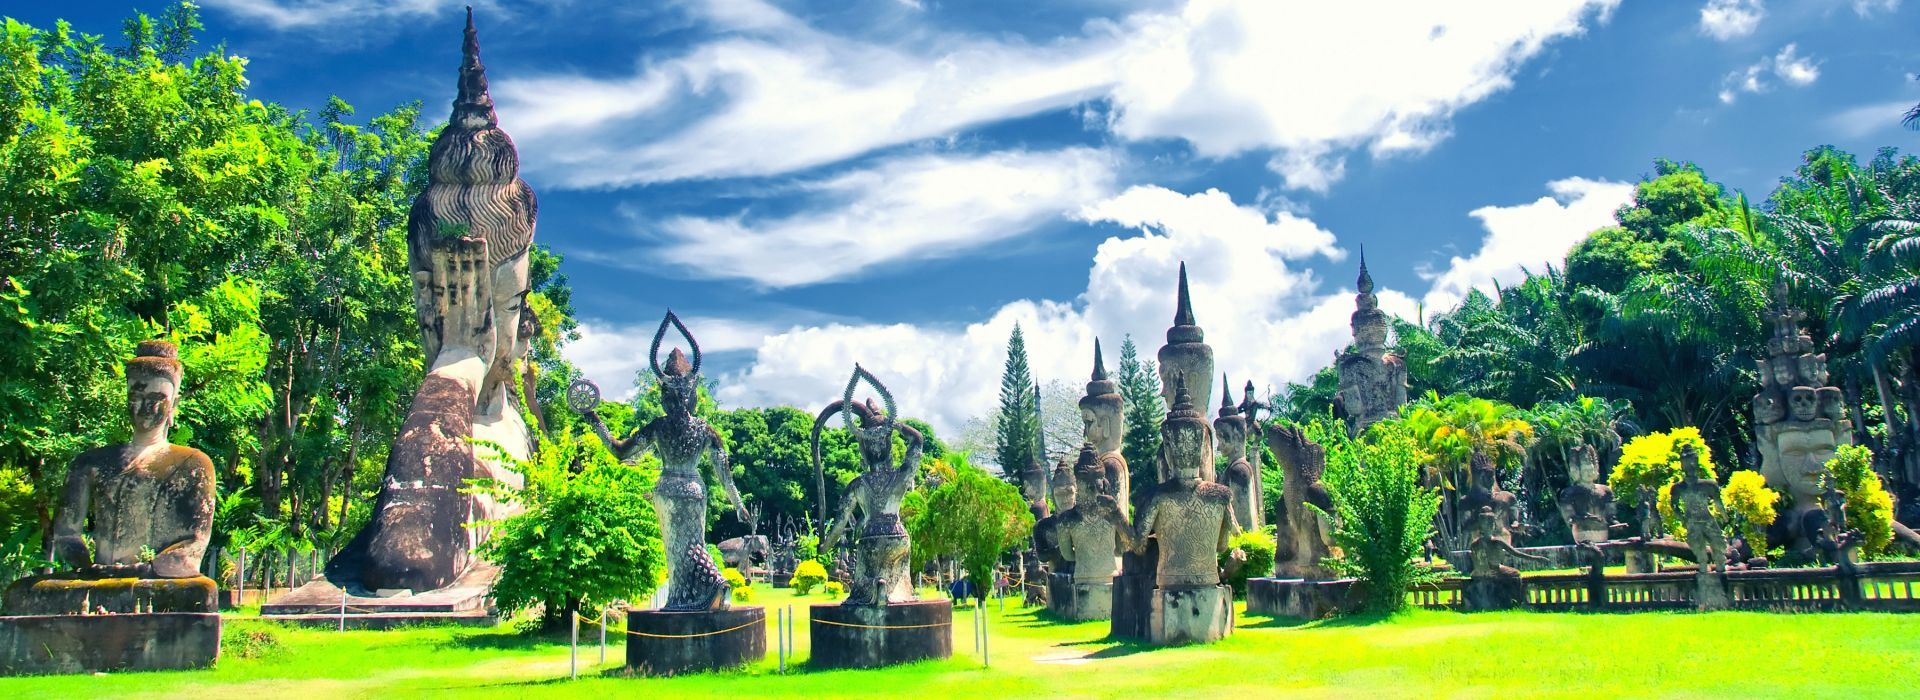 City sightseeing Tours in Luang Prabang